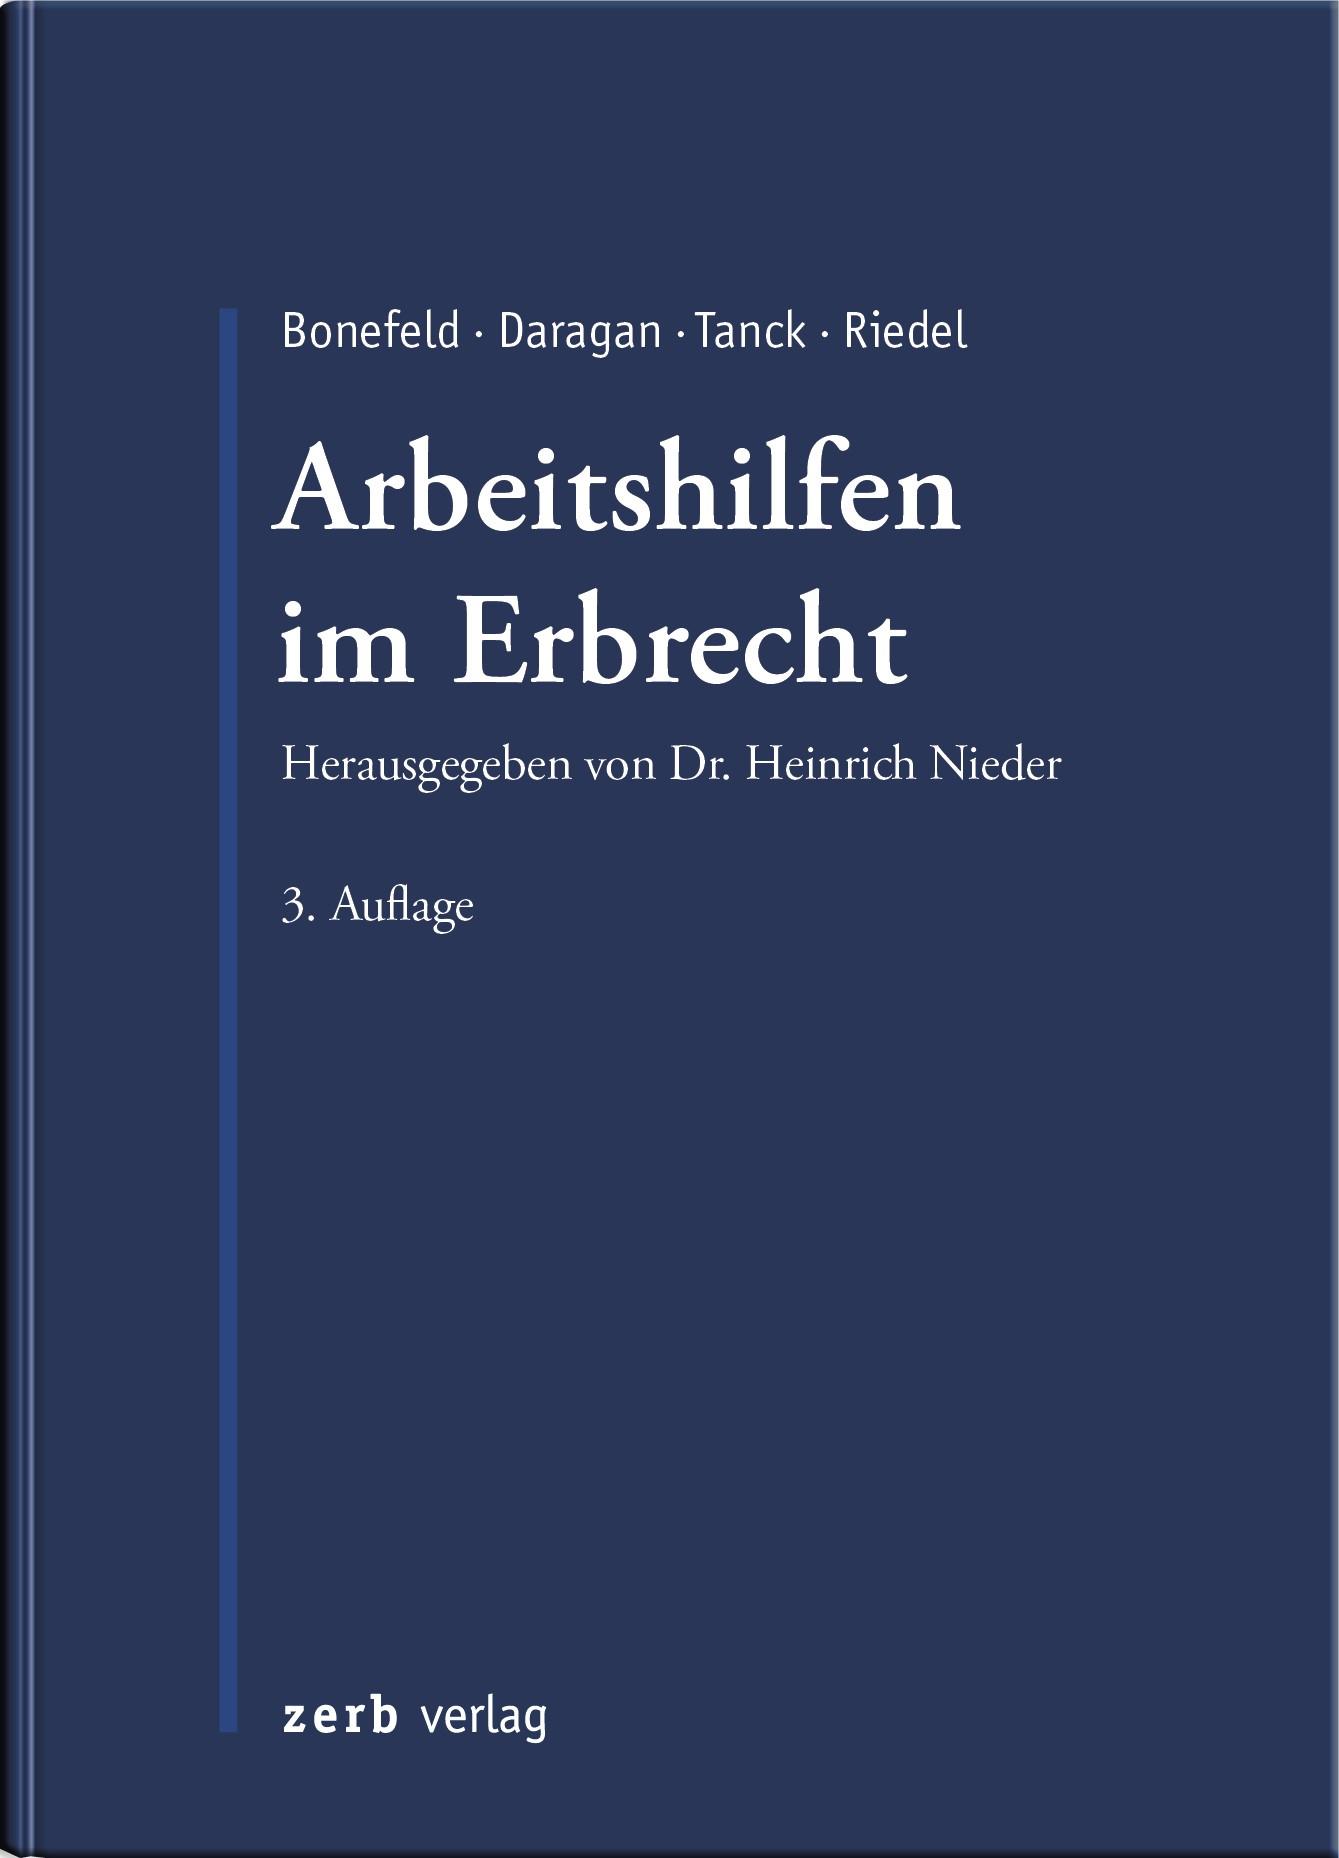 Arbeitshilfen im Erbrecht | Bonefeld / Daragan / Tanck / Riedel | 3. Auflage, 2009 | Buch (Cover)